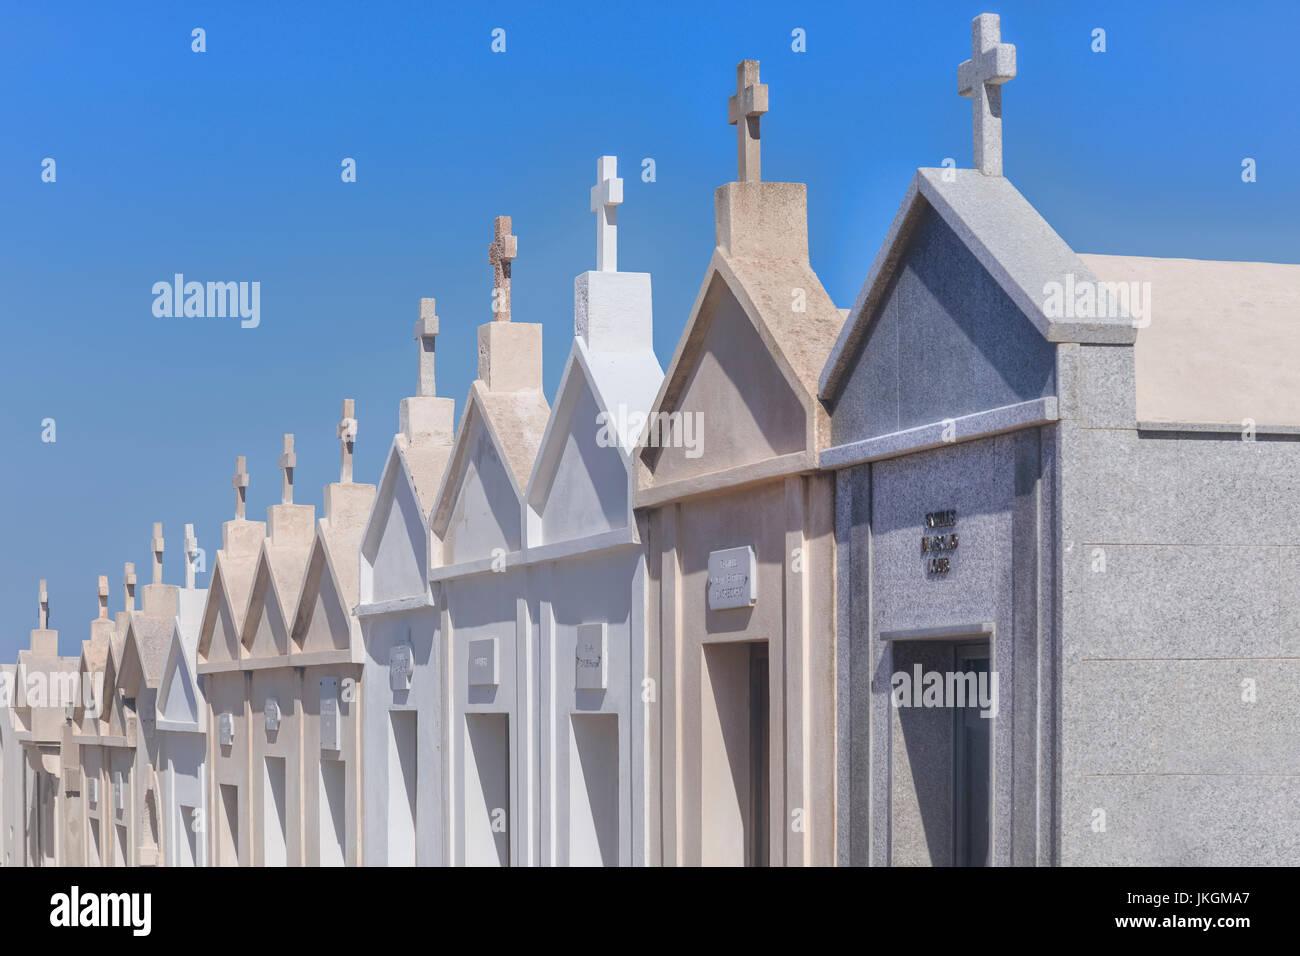 Cimetière marin, Ville Haute, Bonifacio, Corse, France Photo Stock